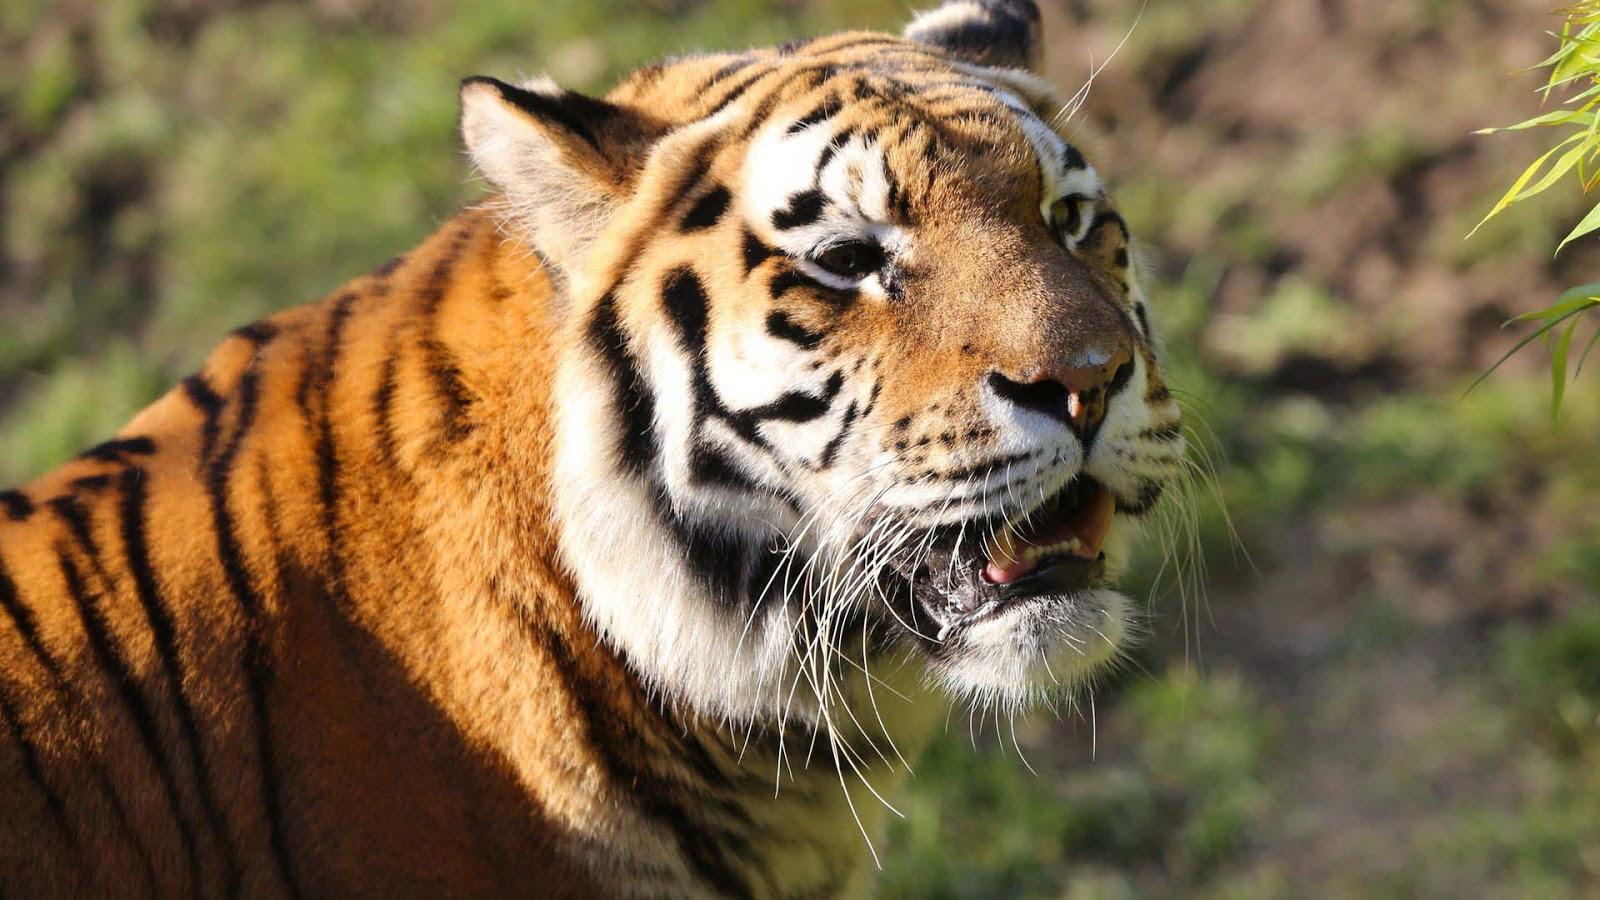 close-up-harimau-terlihat-sangat-cantik-mengerikan